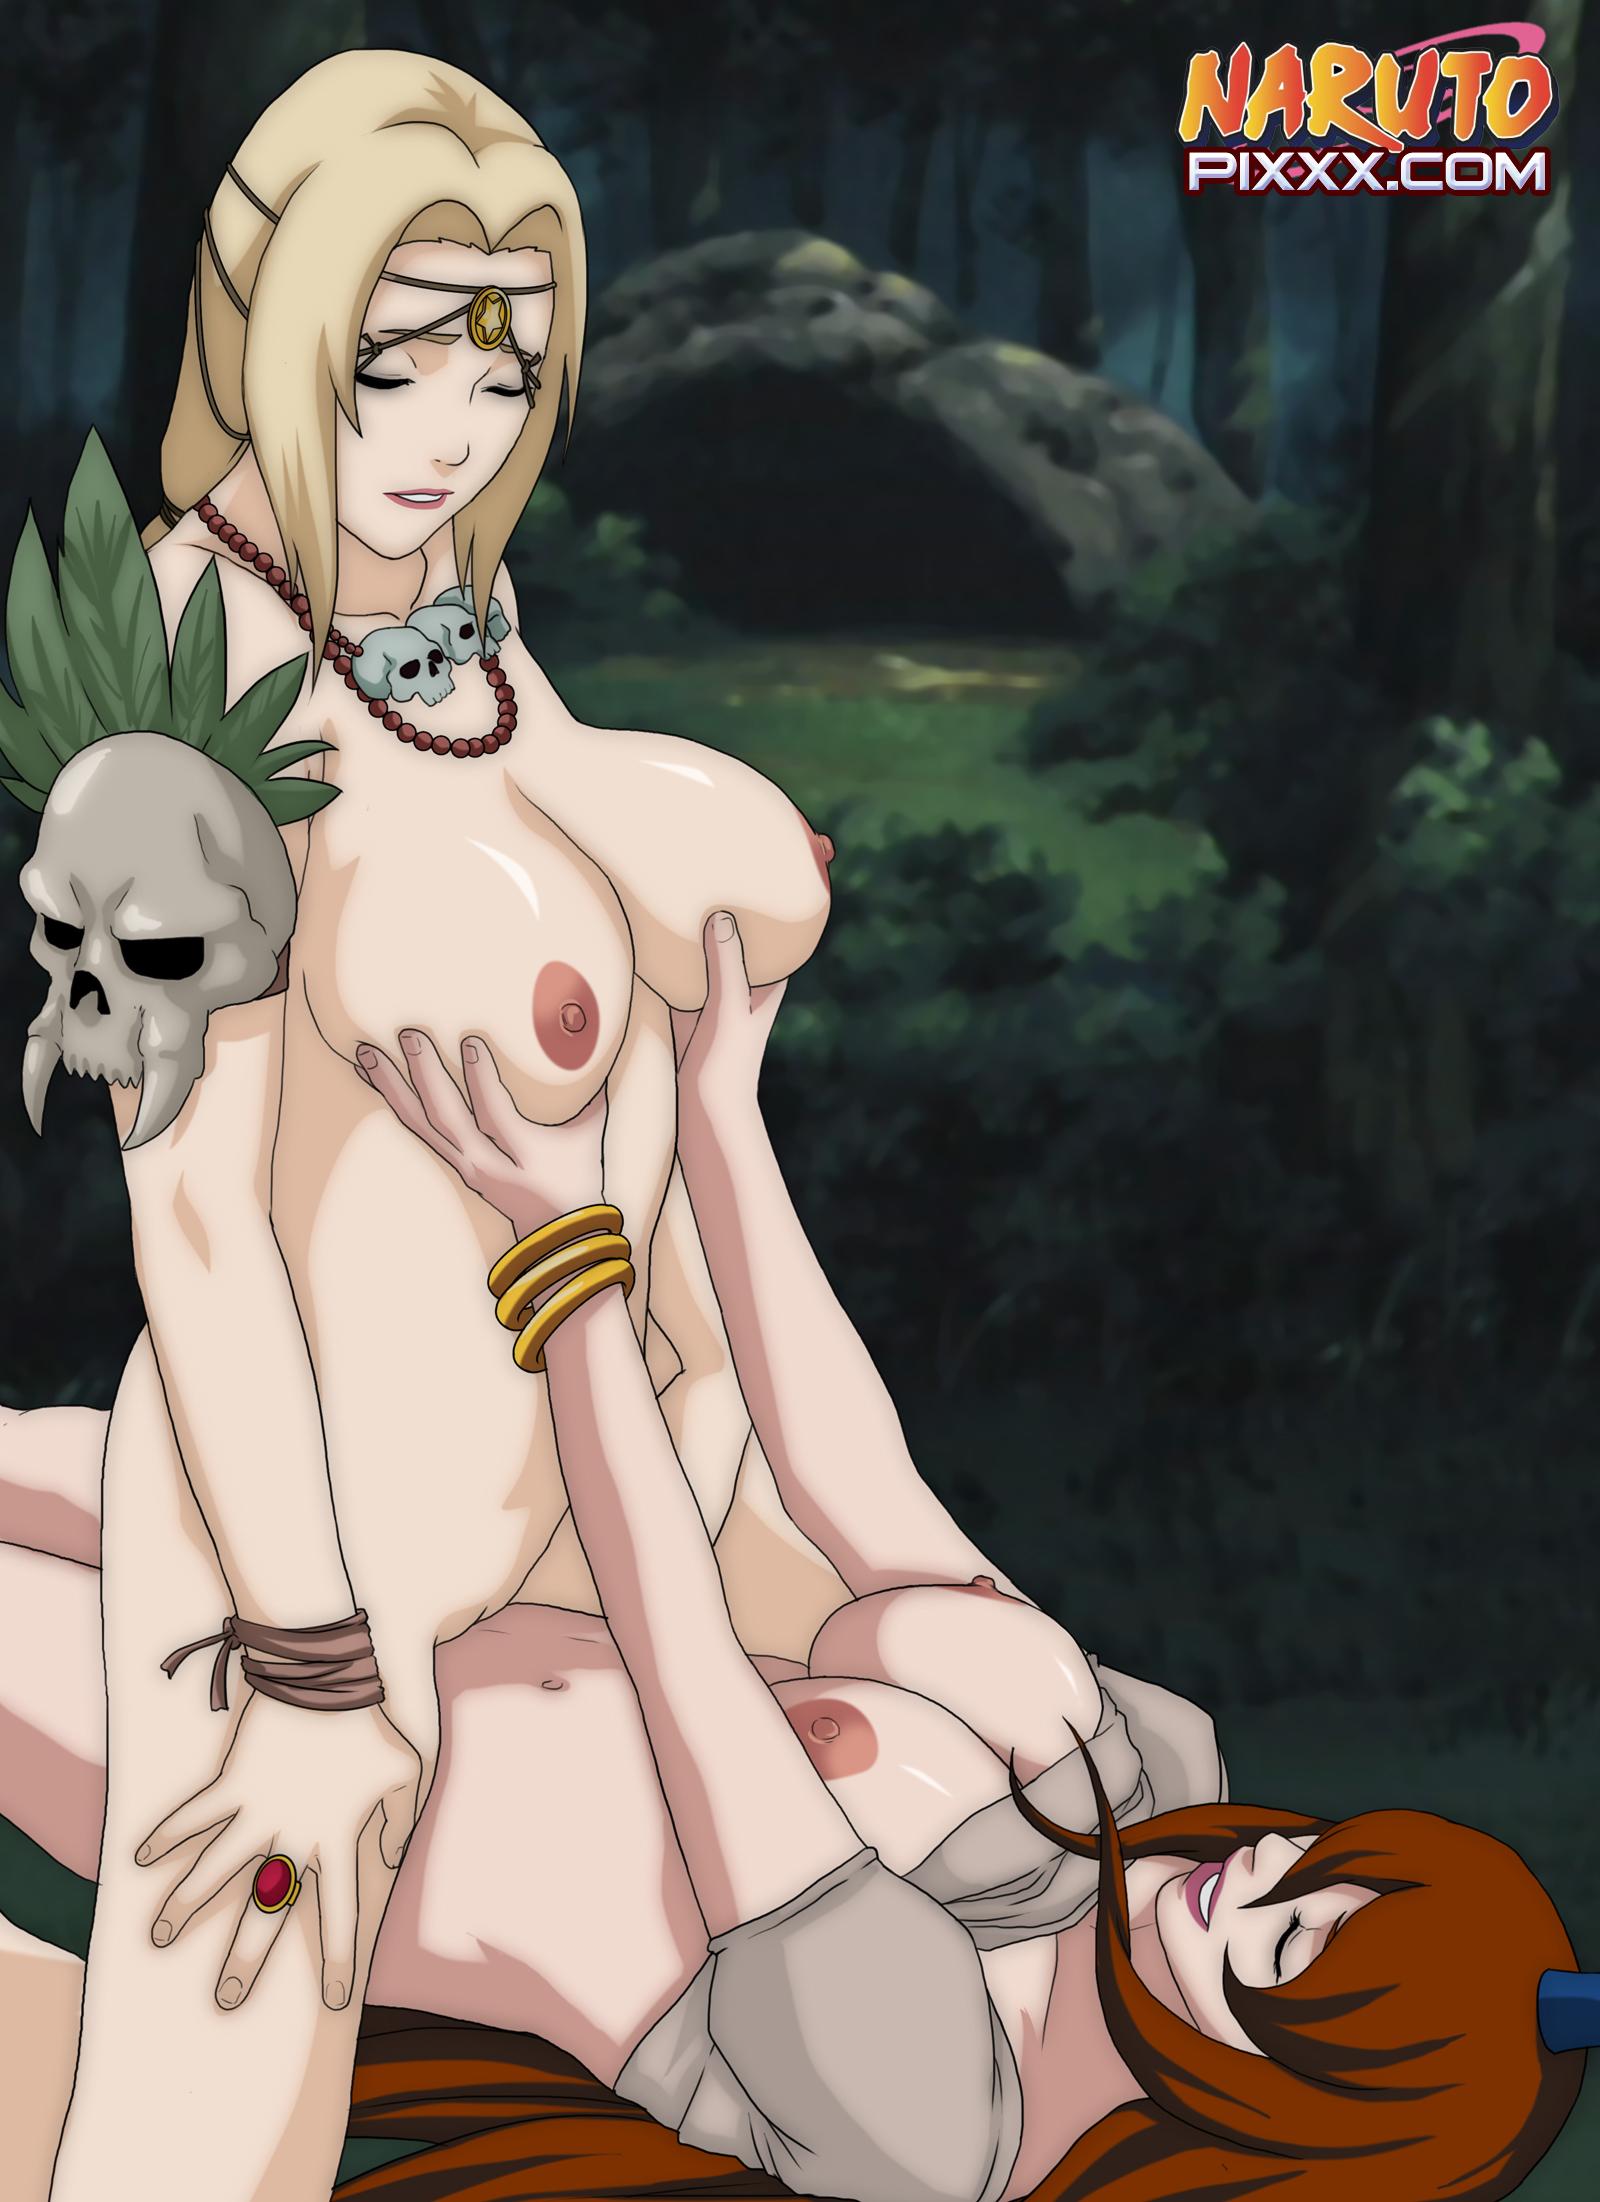 Naruto Pixxx Hentai Toda la Colección Actualizaciones II